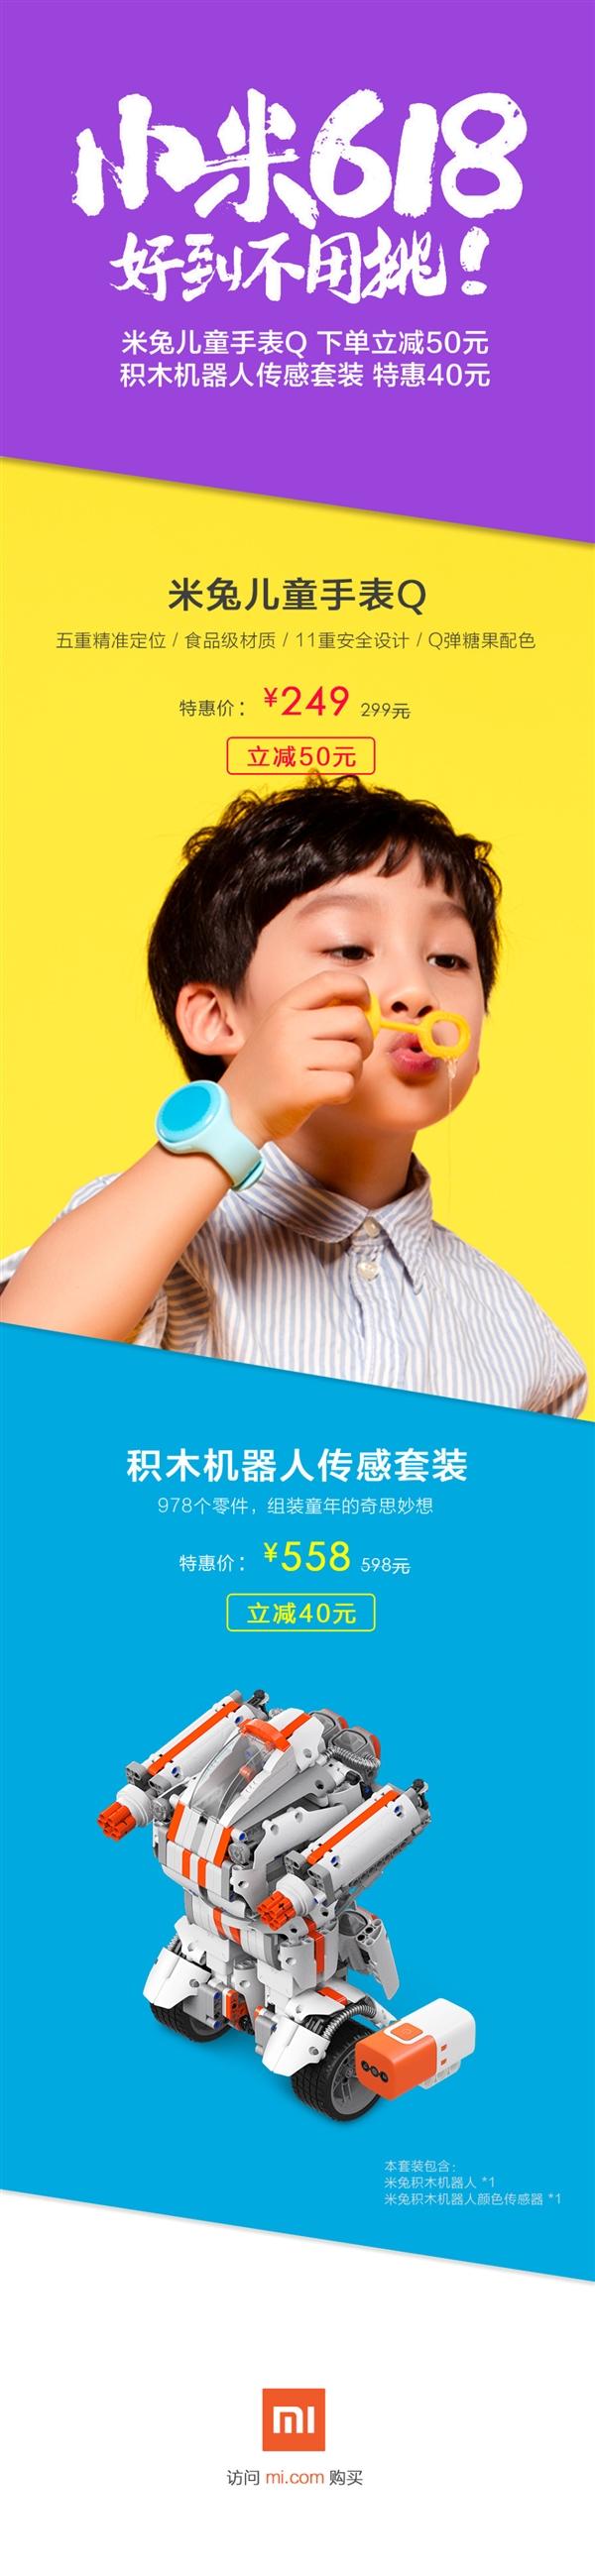 249元!小米米兔儿童手表大降价:内置小米SIM卡